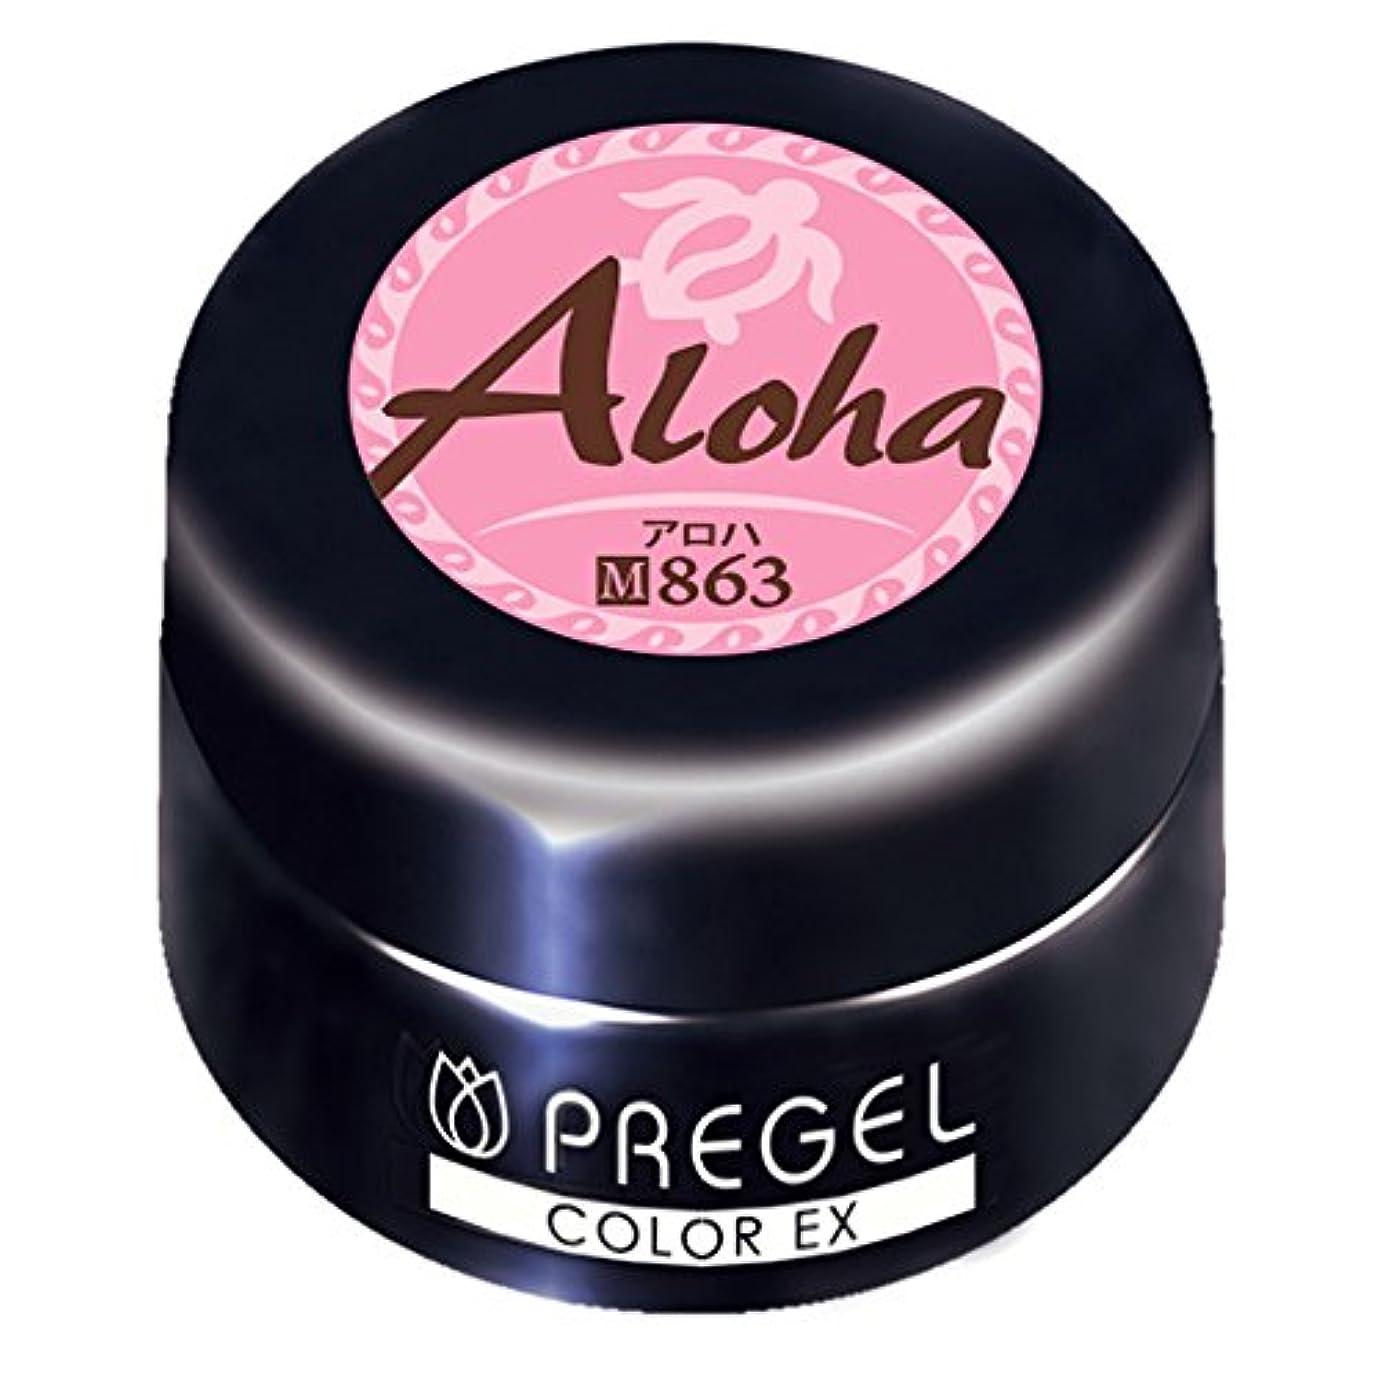 アクティブ一部代表するPRE GEL カラーEX アロハ863 3g UV/LED対応